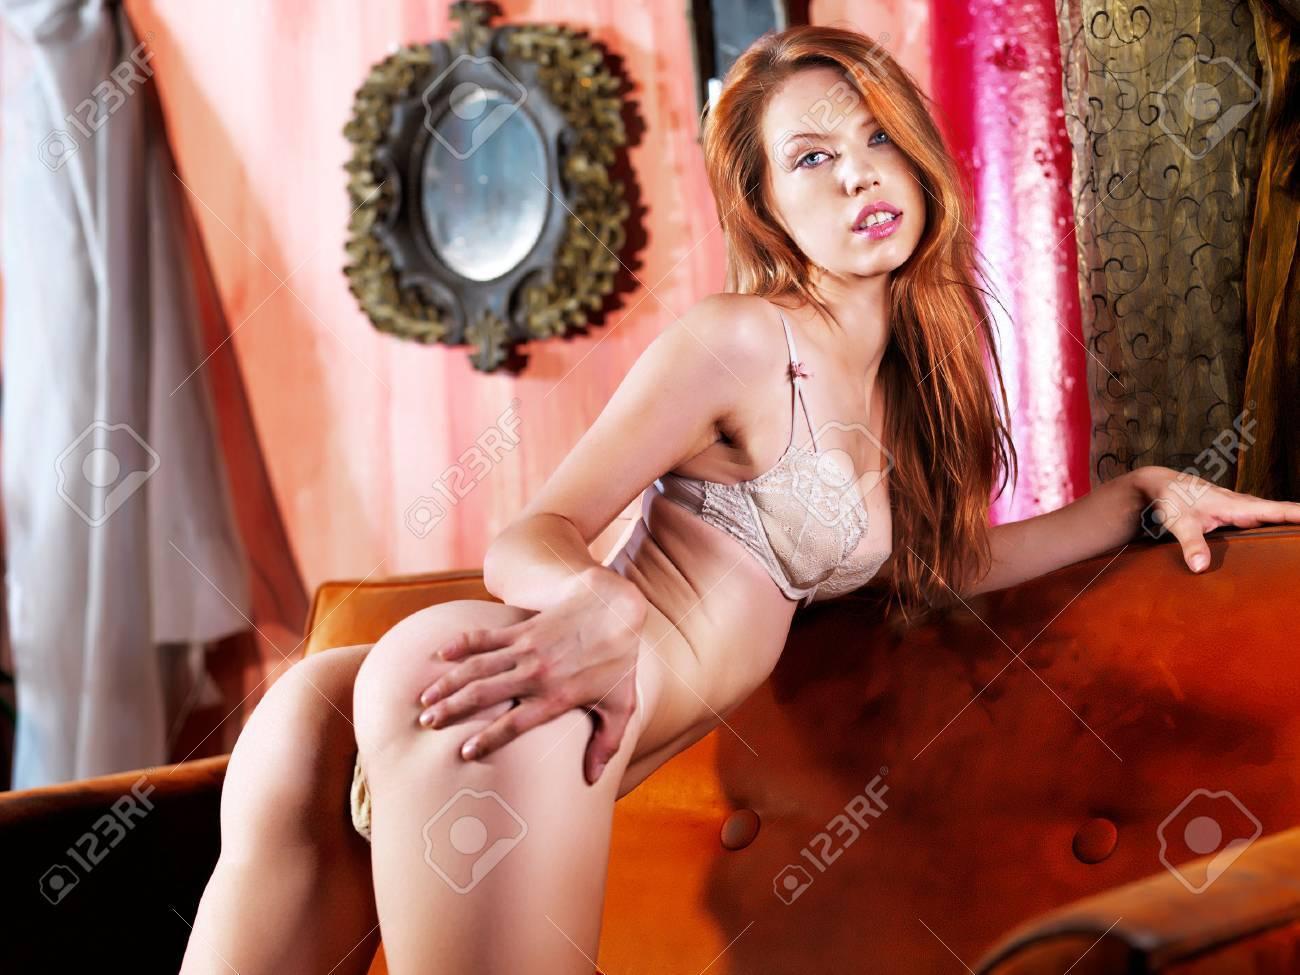 chloe sevigny porn